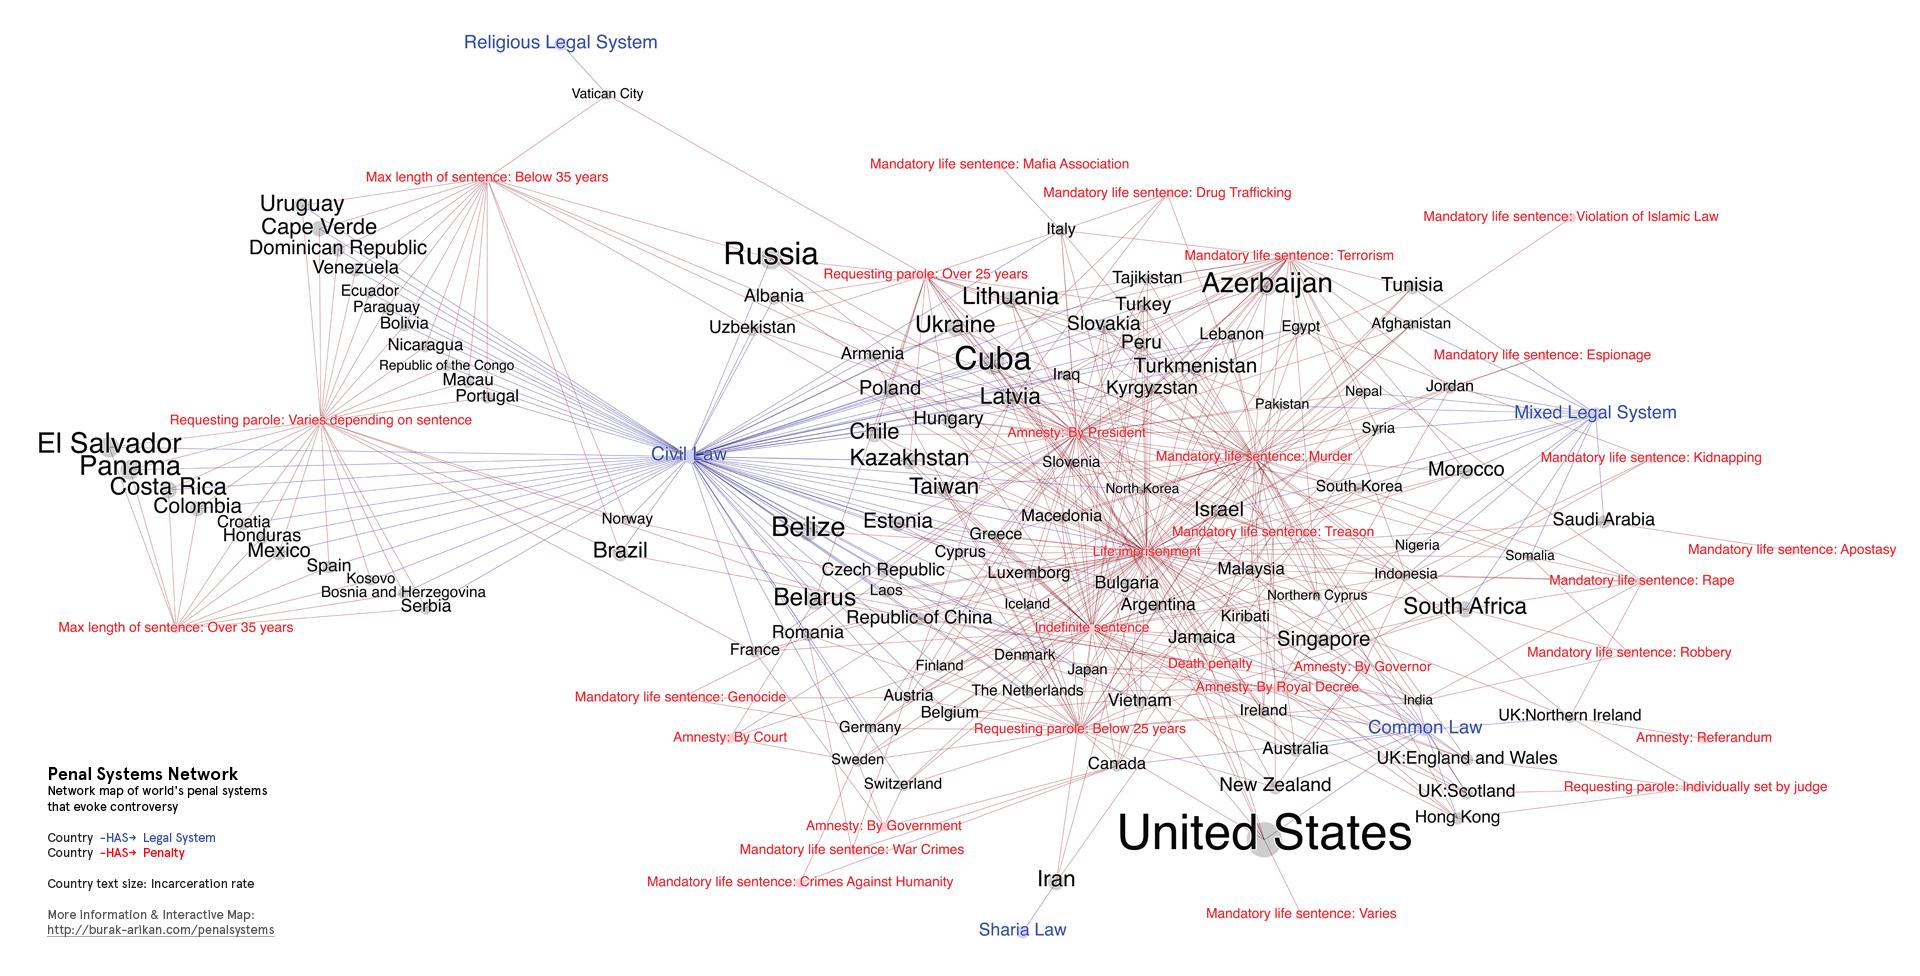 burak-arikan-penal-systems-network-2014